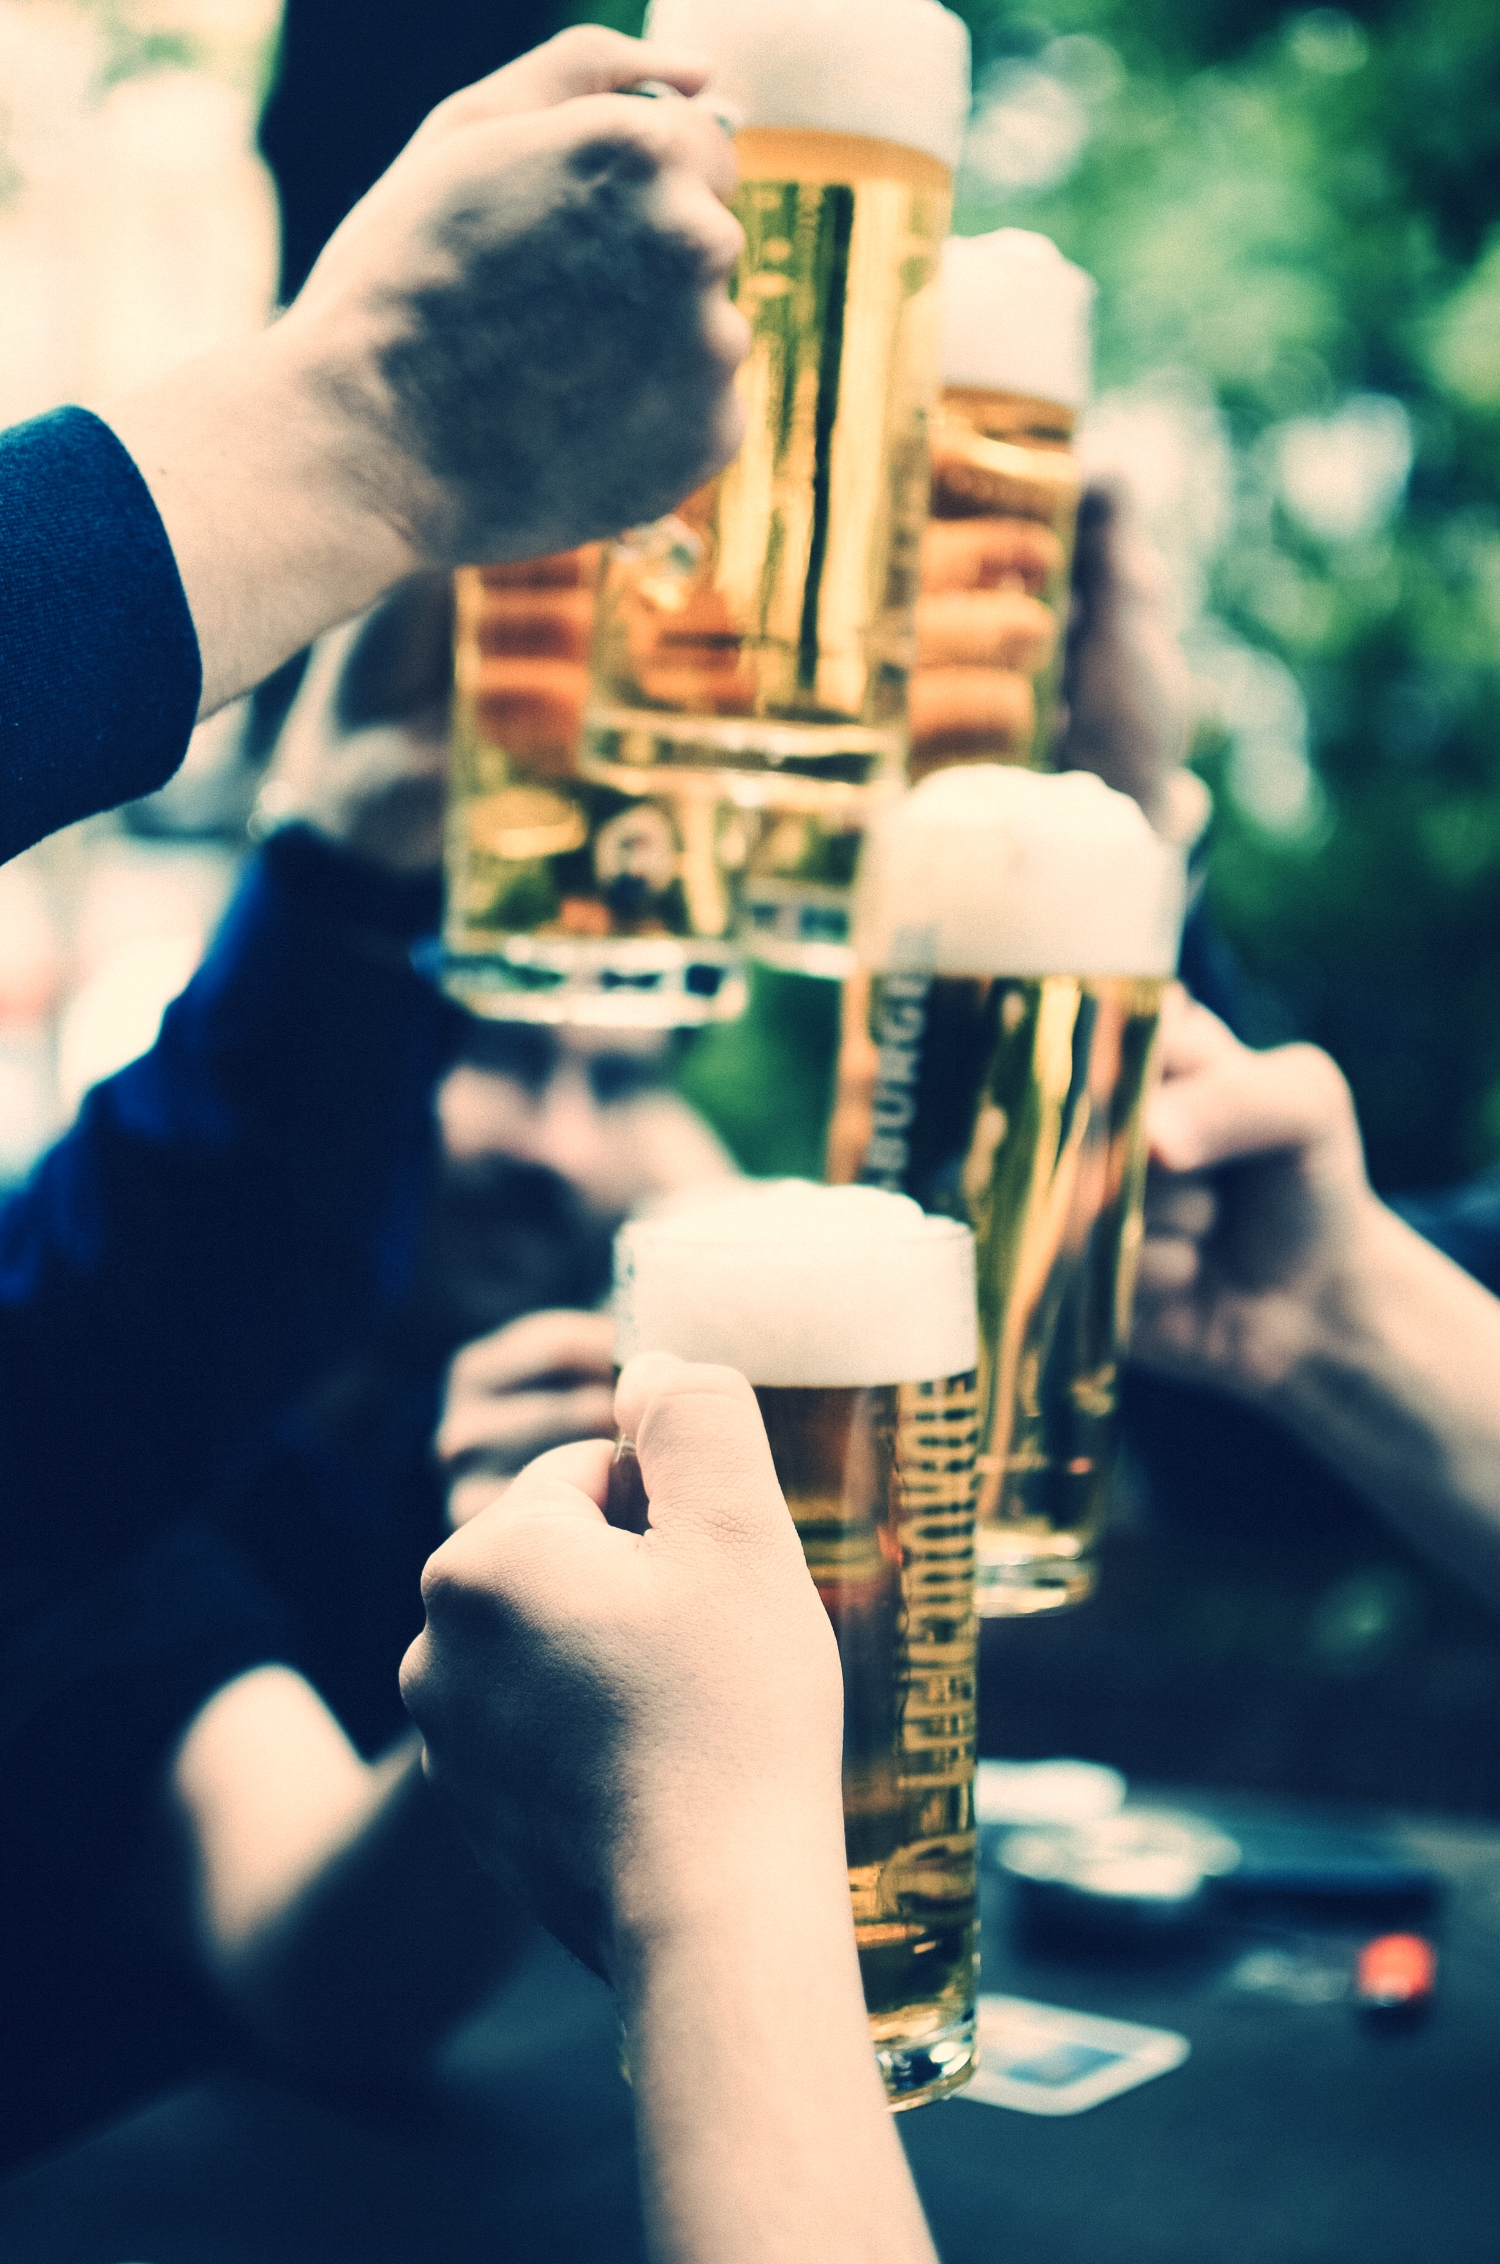 beer-2605535 (1).jpg